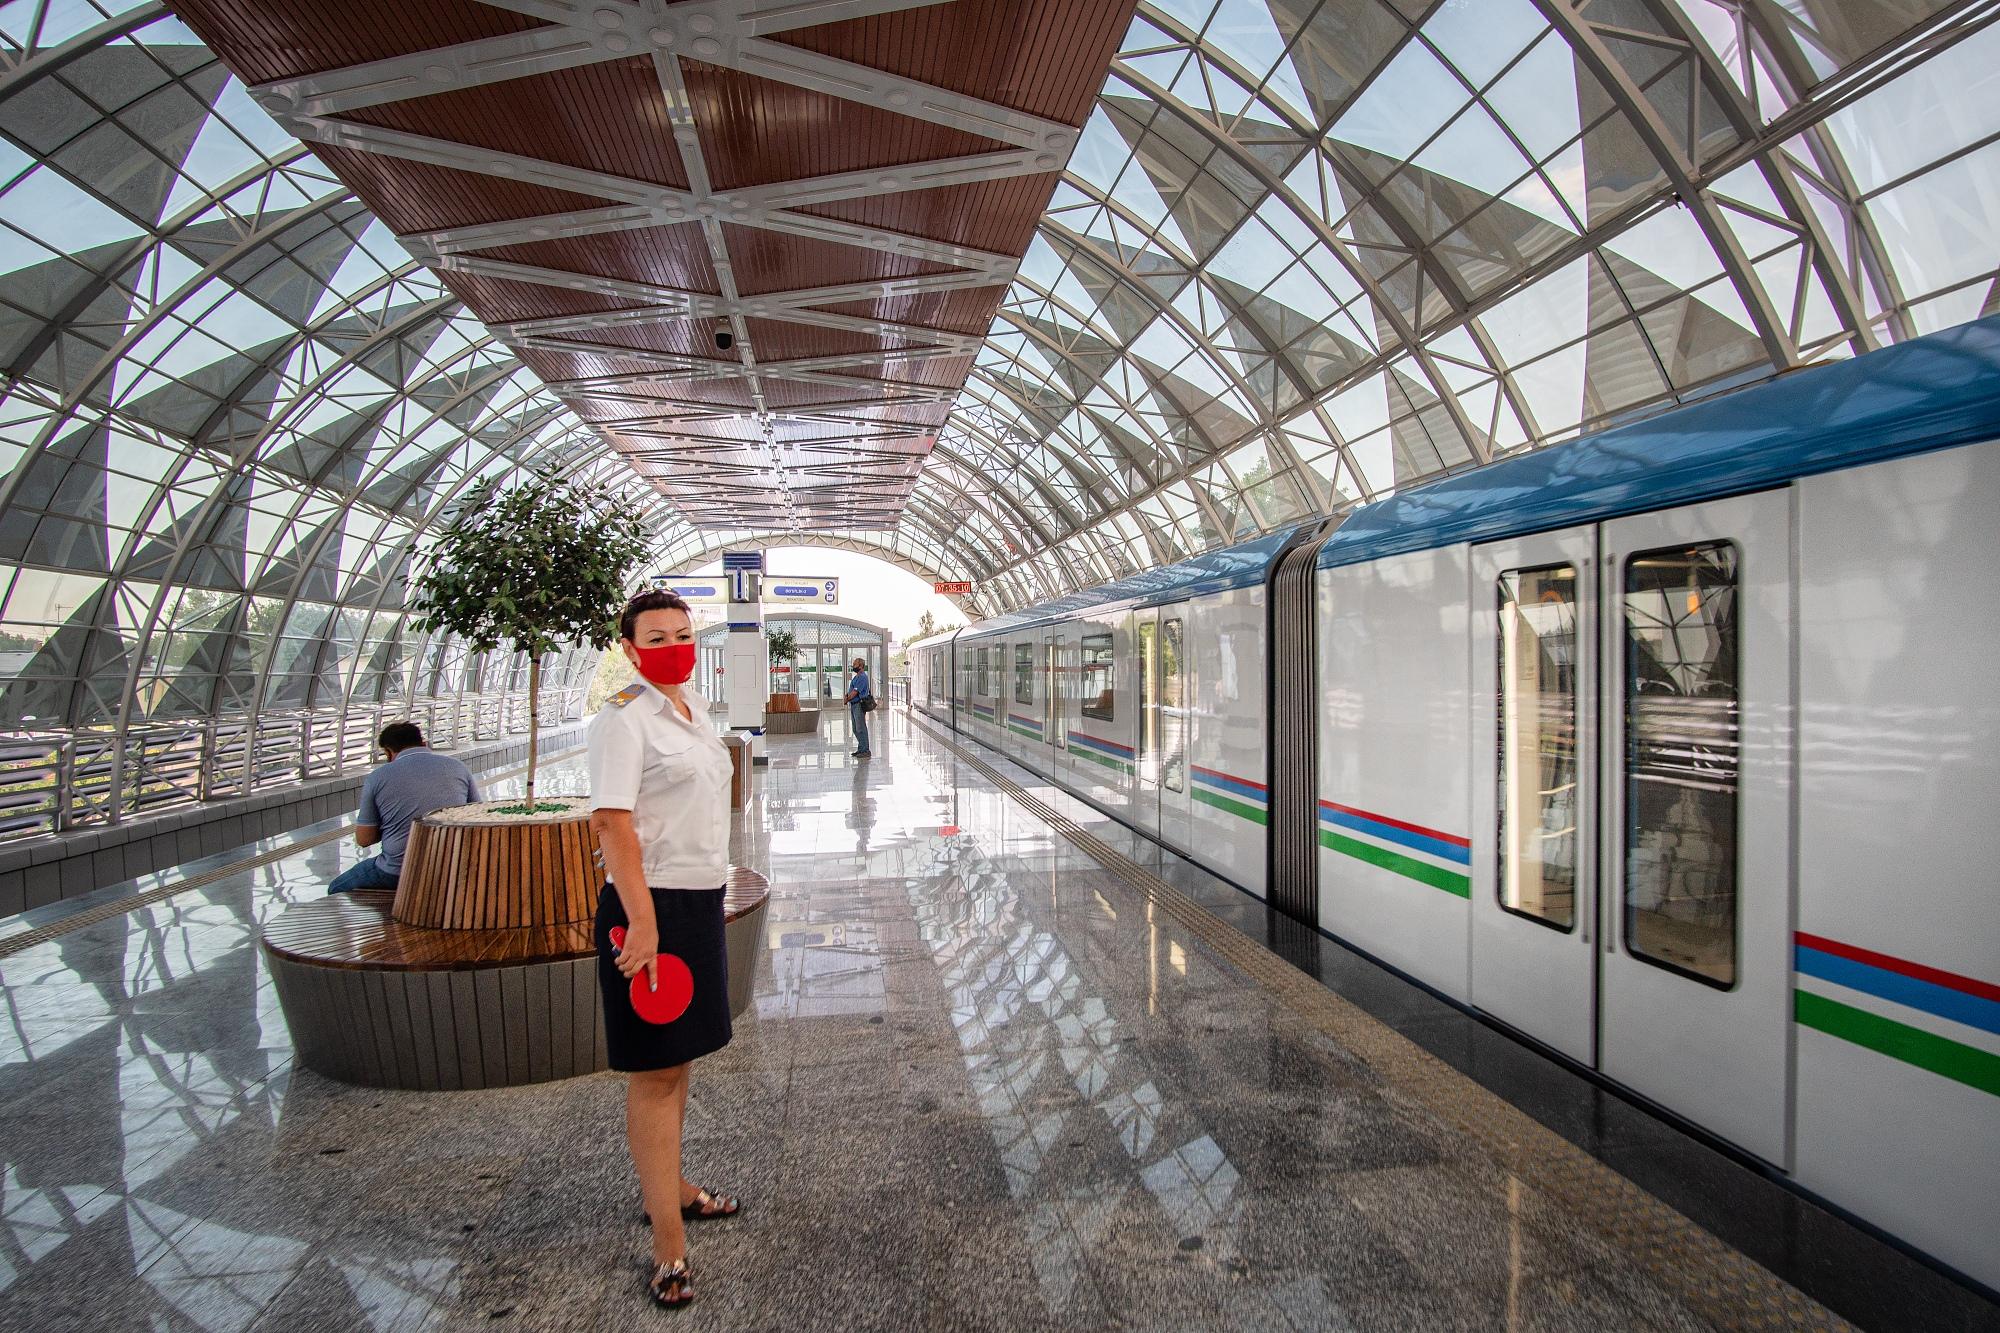 Новая надземная линия метро, открытая в Ташкенте в 2020 году